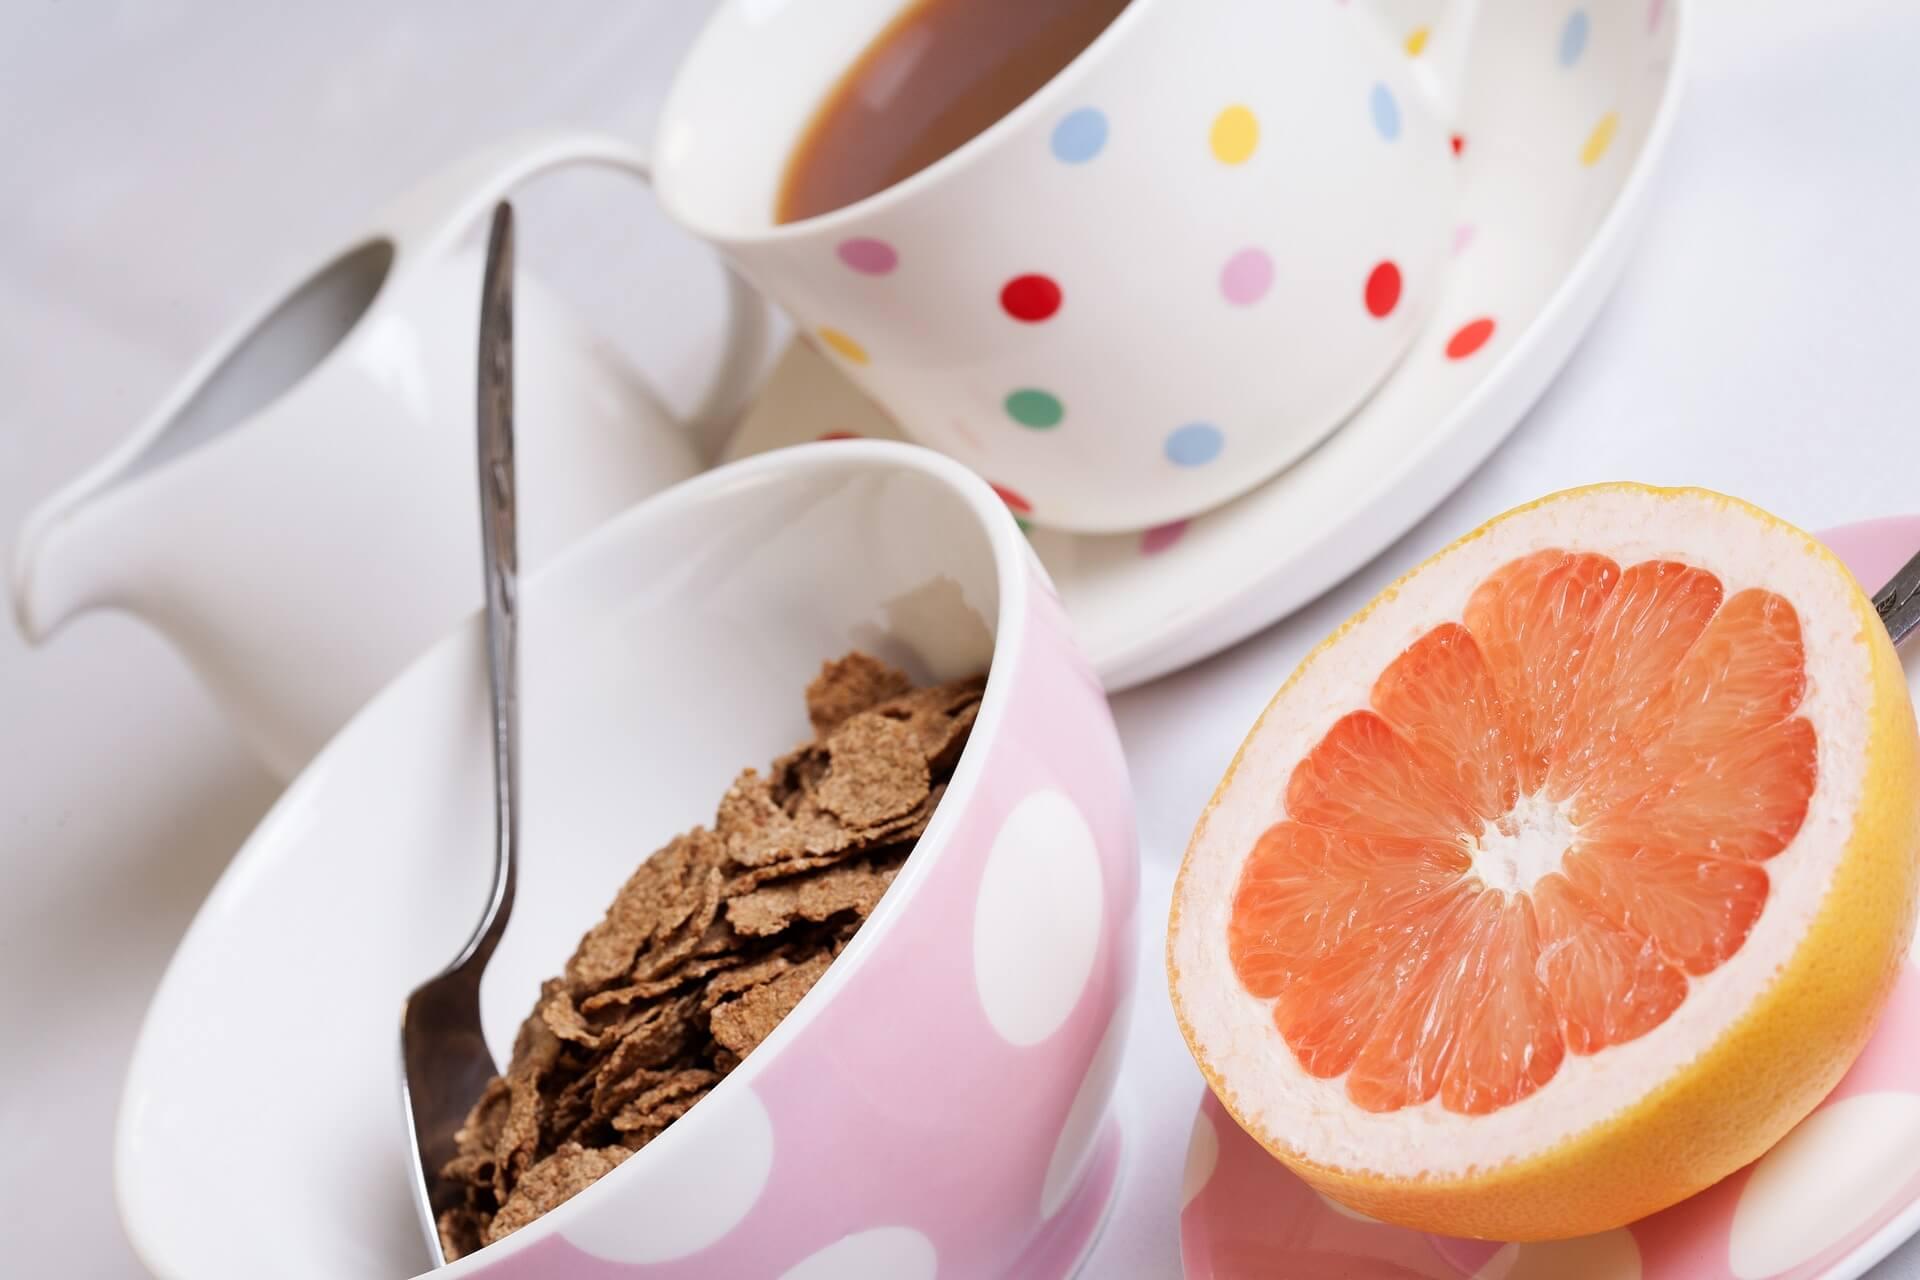 Dieta equilibrada para prevenir varices